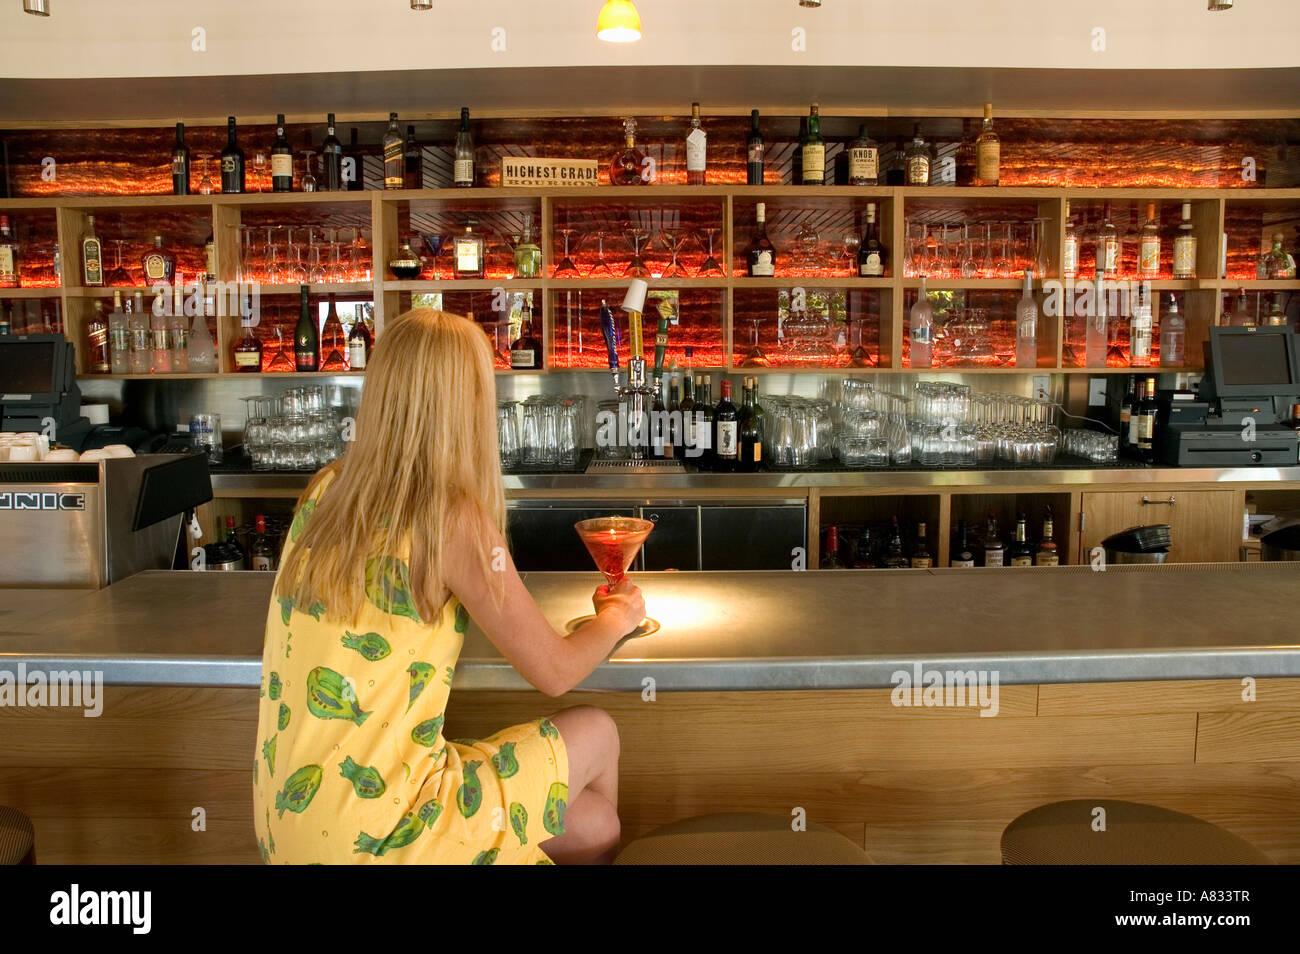 Woman Drinking Alone At Bar At Sedona Rouge Hotel Sedona